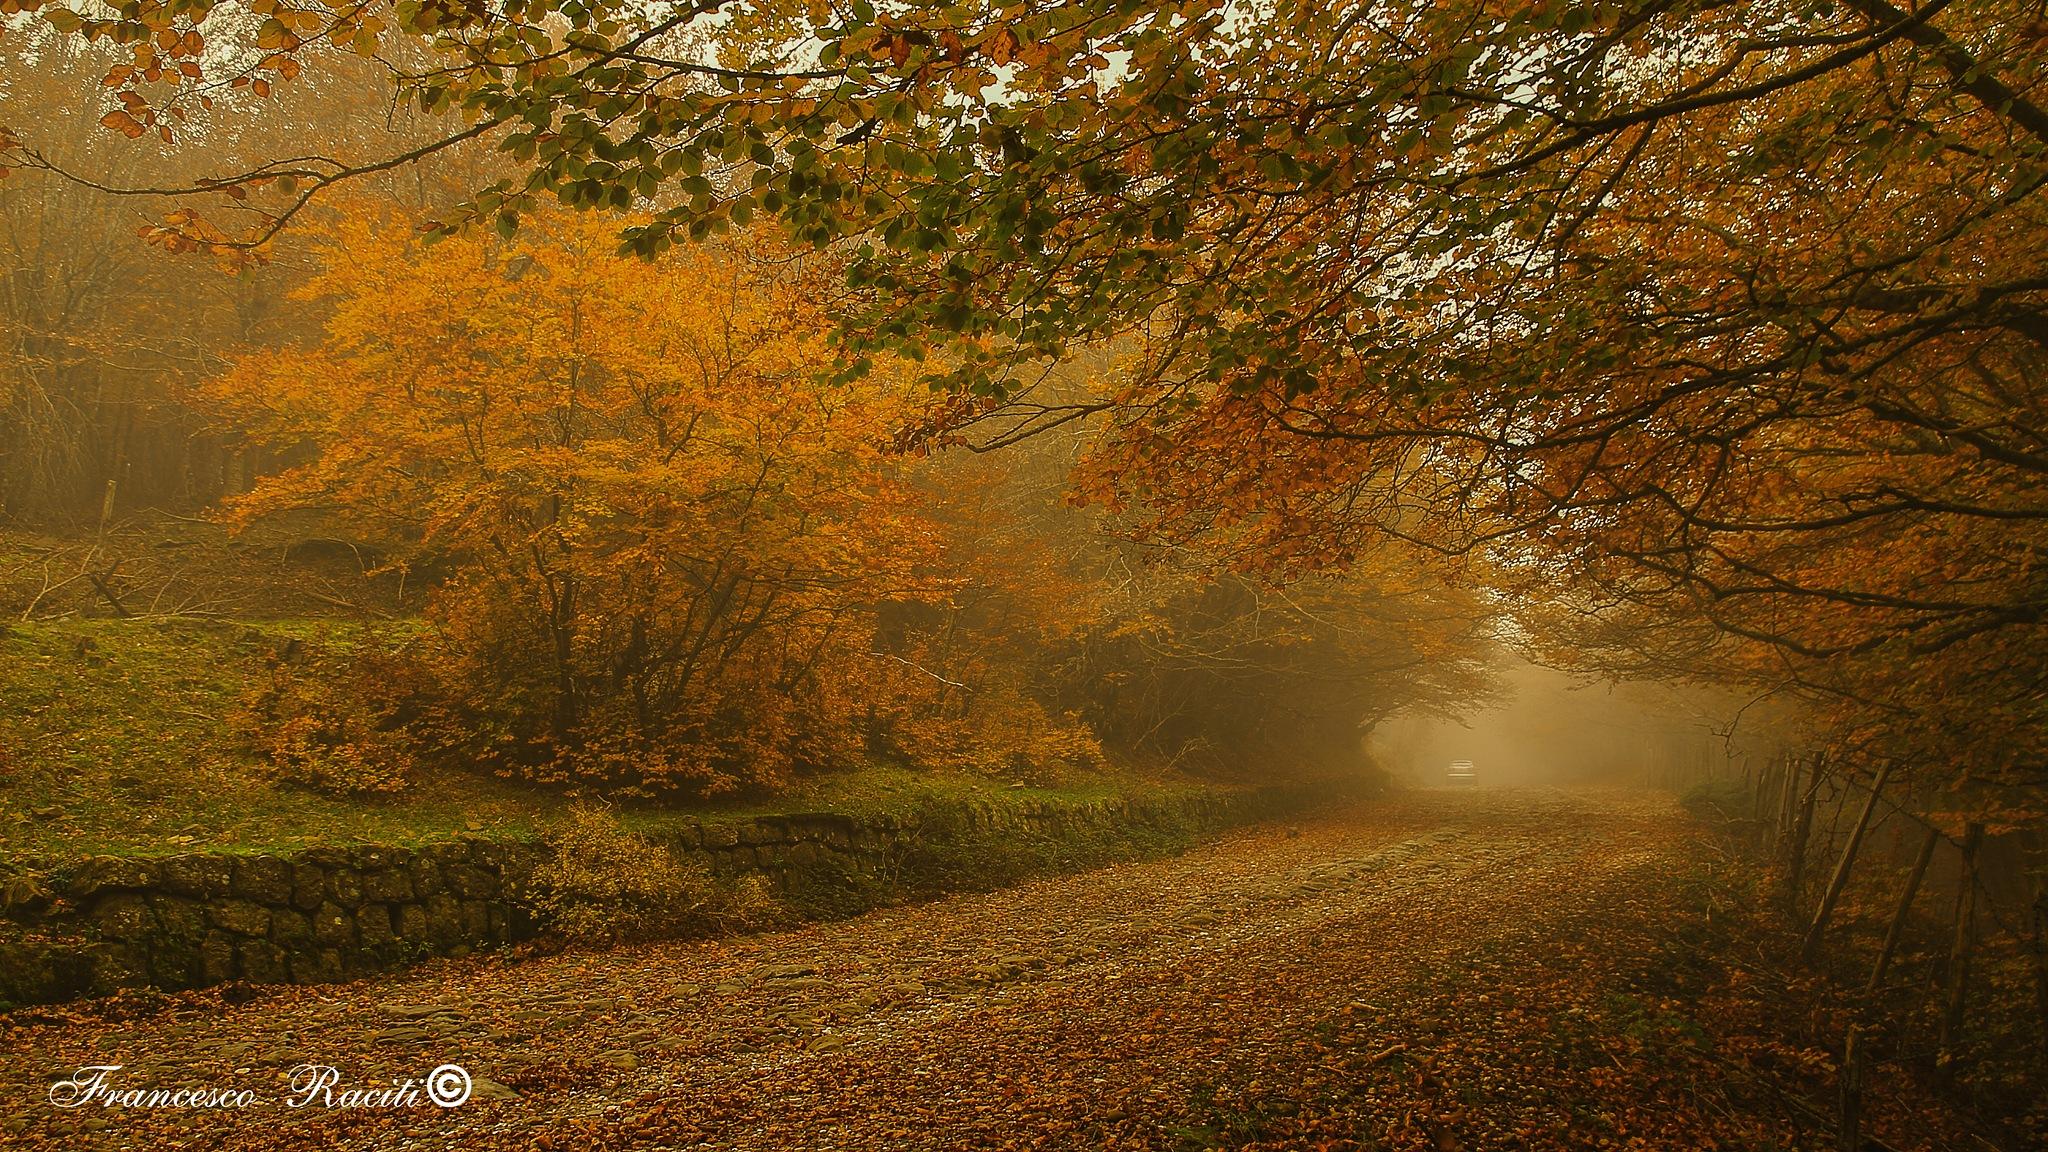 Autumn by Francesco Raciti